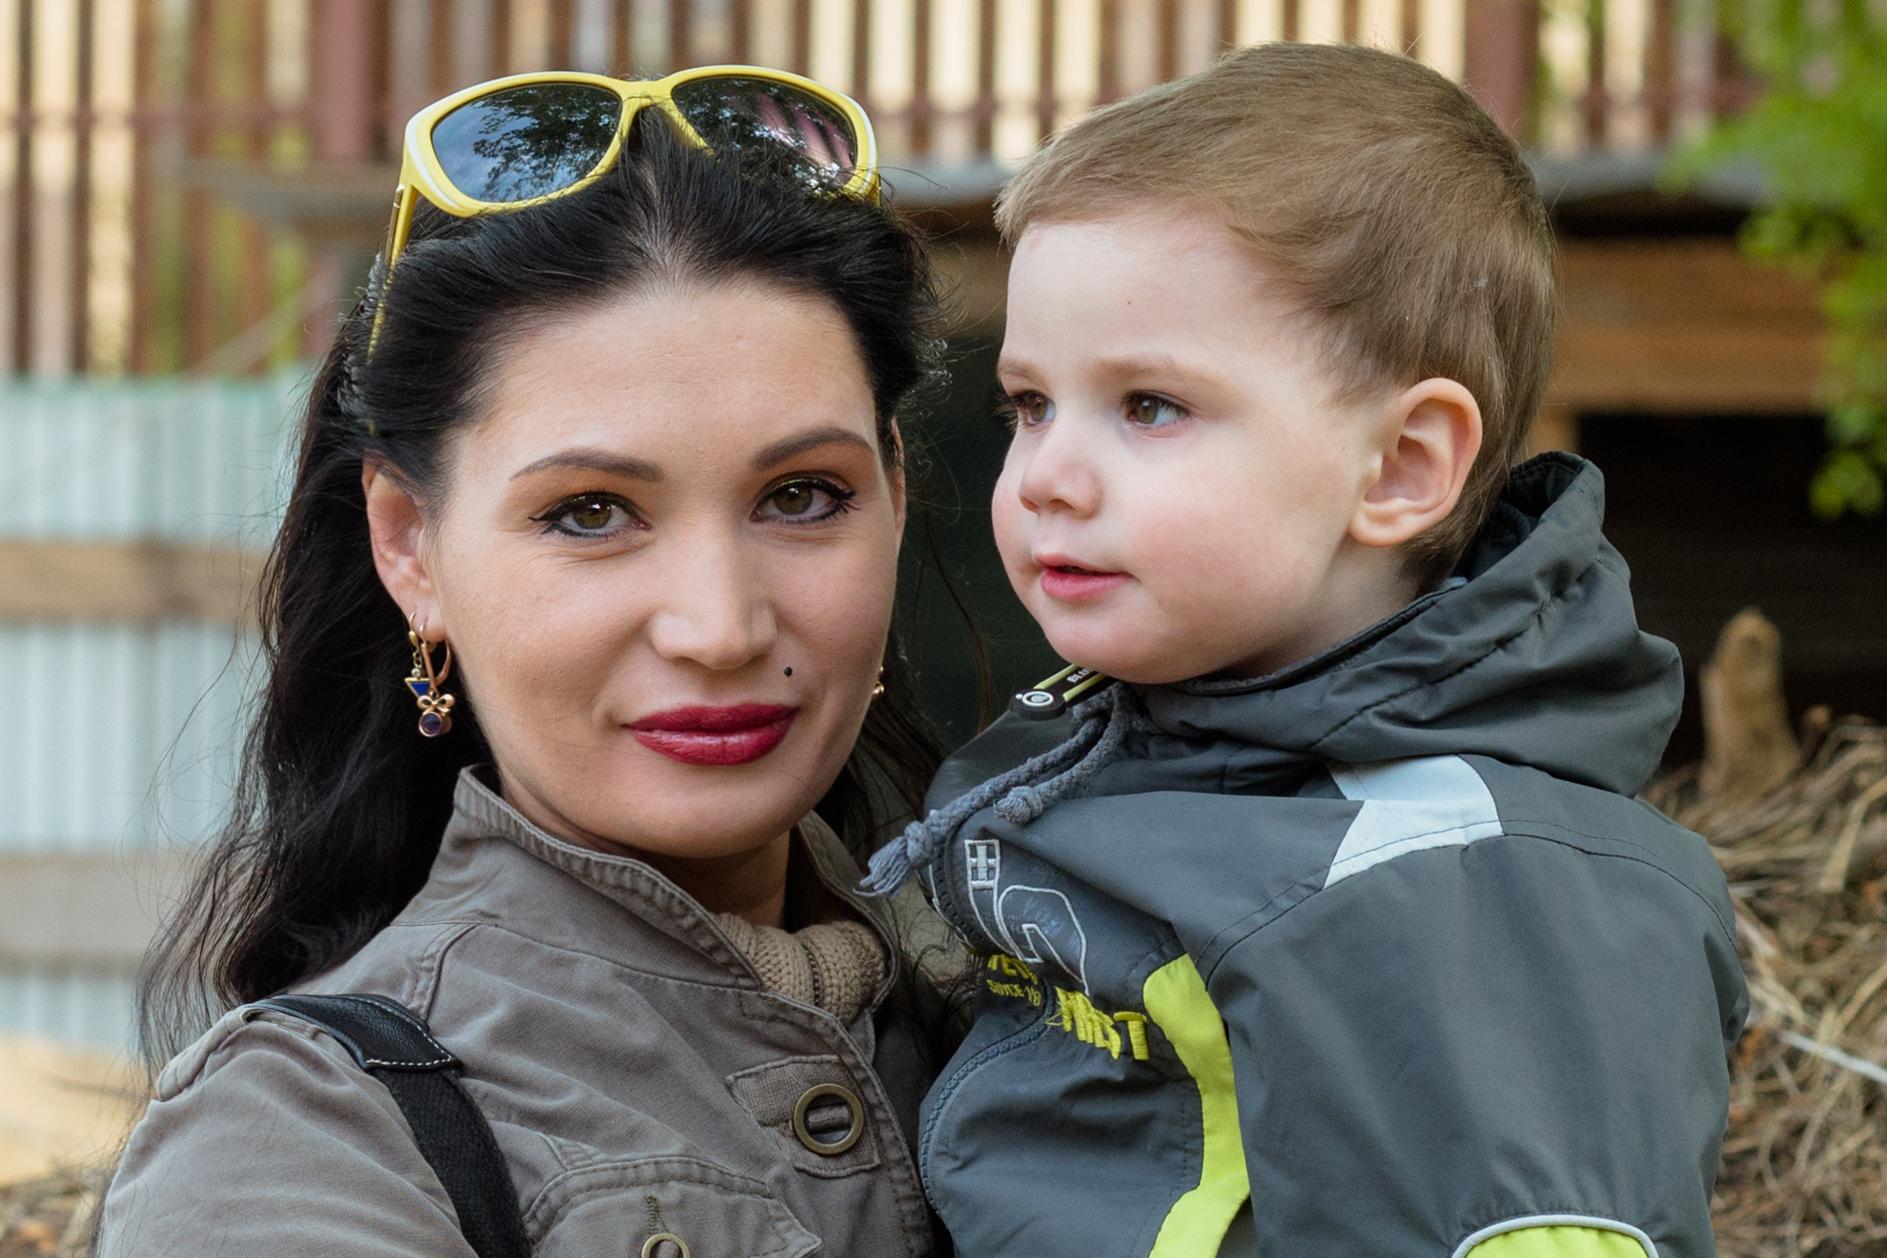 Анна признаётся, что часто люди не верят, что её дети — инвалиды, поскольку внешне у них нет никаких признаков заболевания